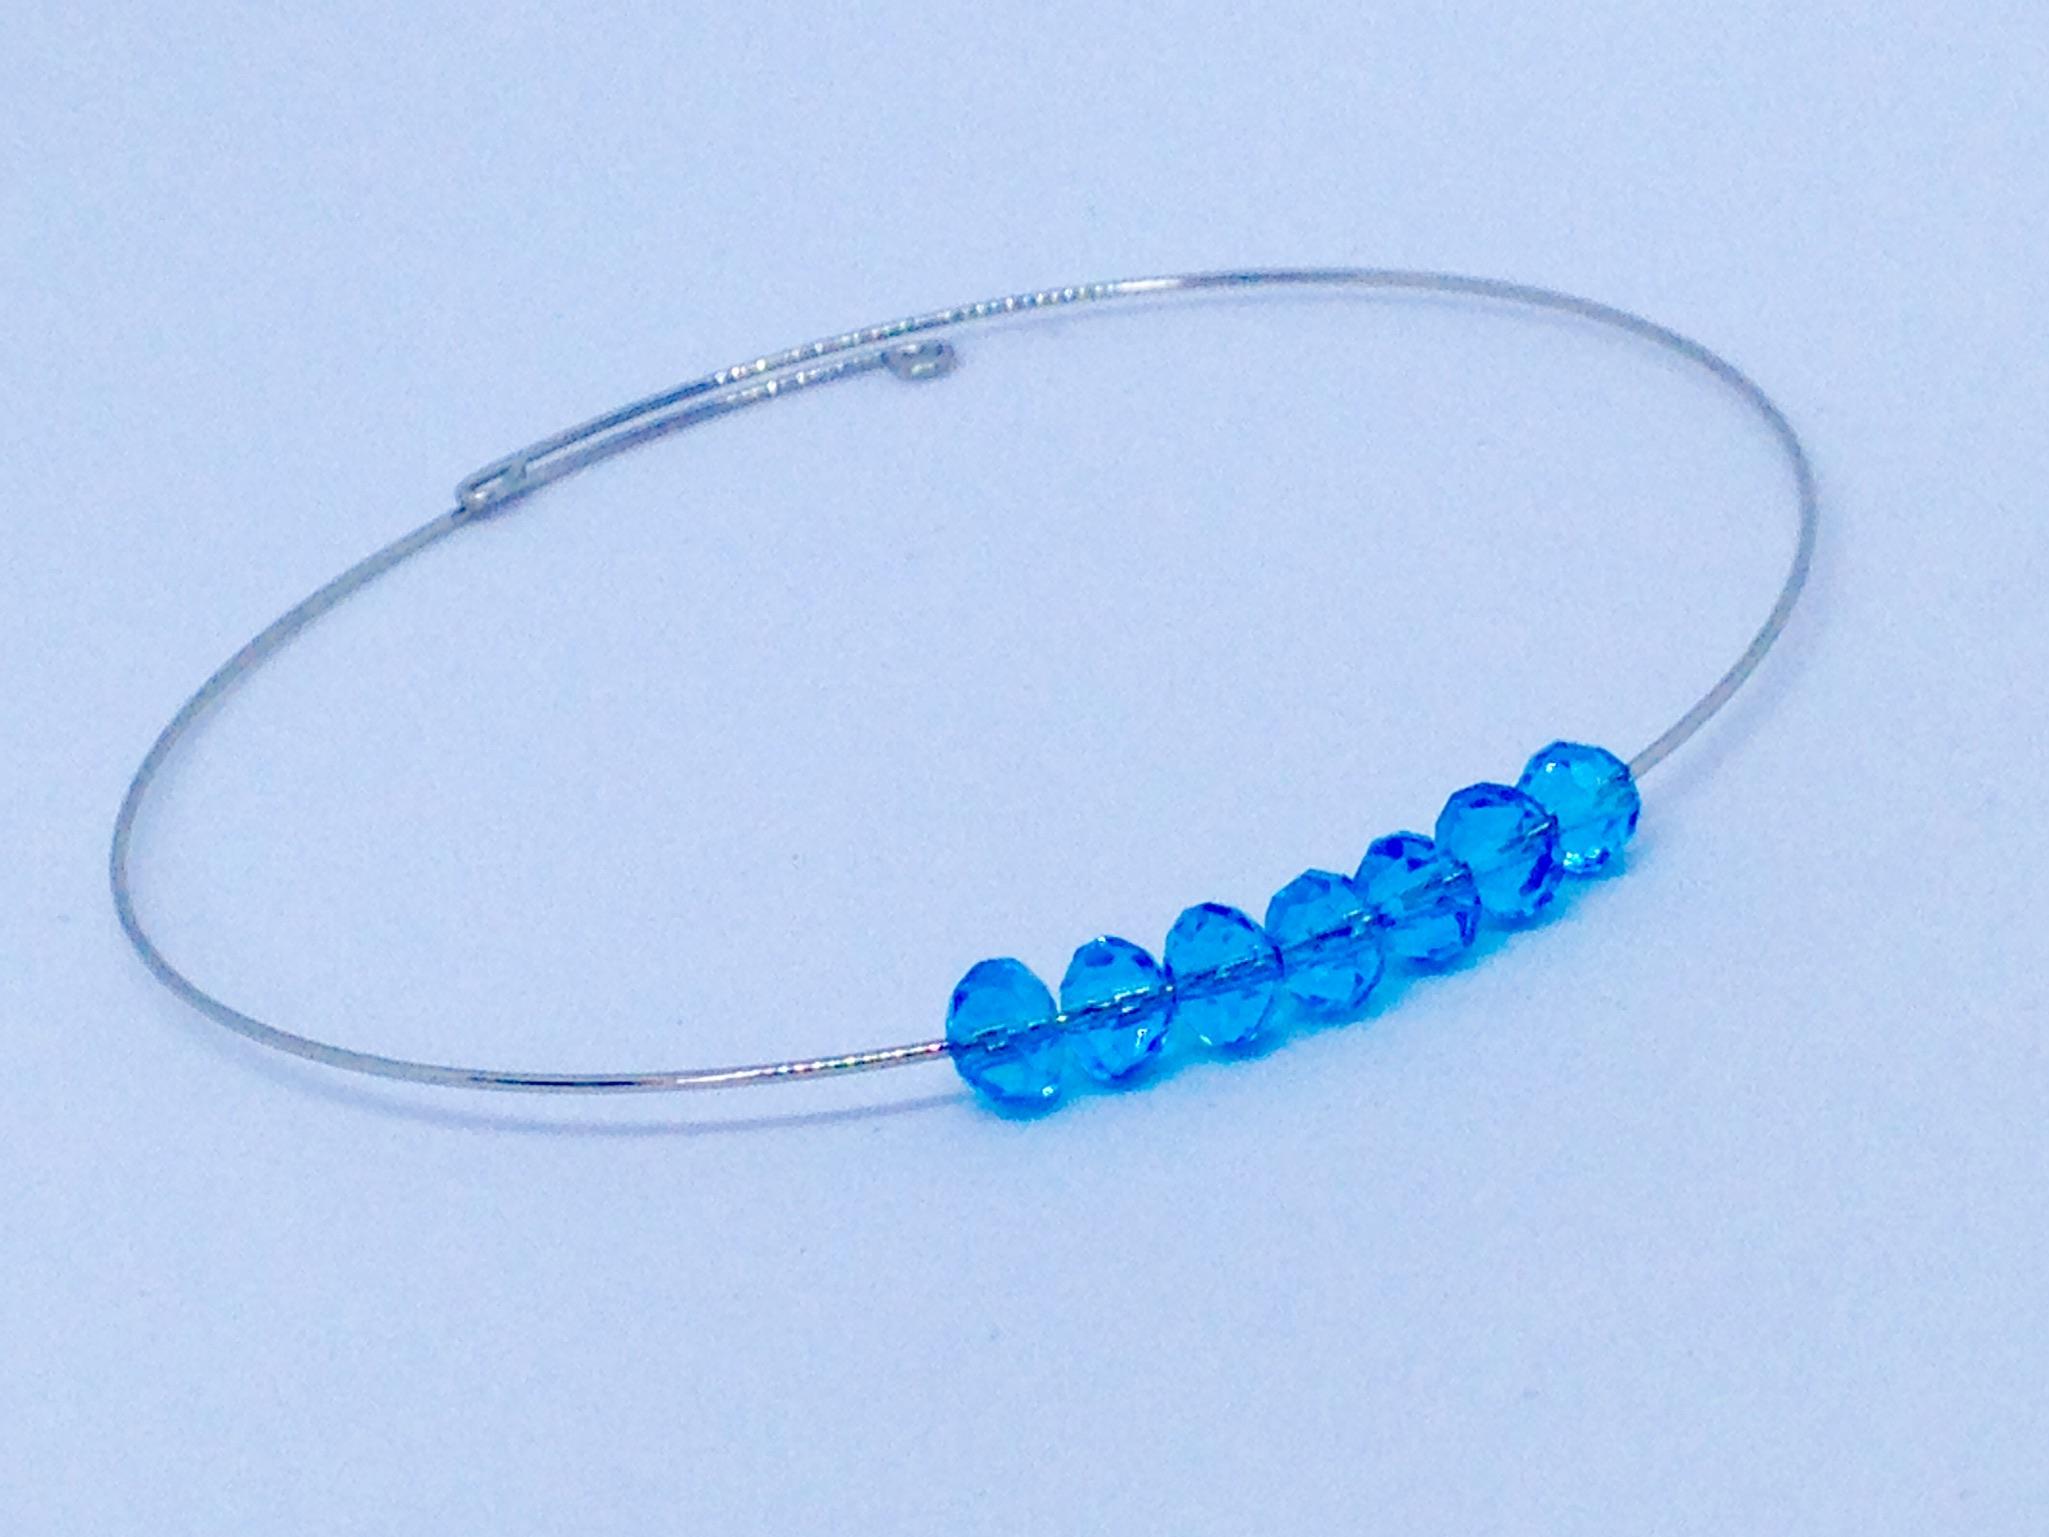 Bracelet chic avec brillants bleus